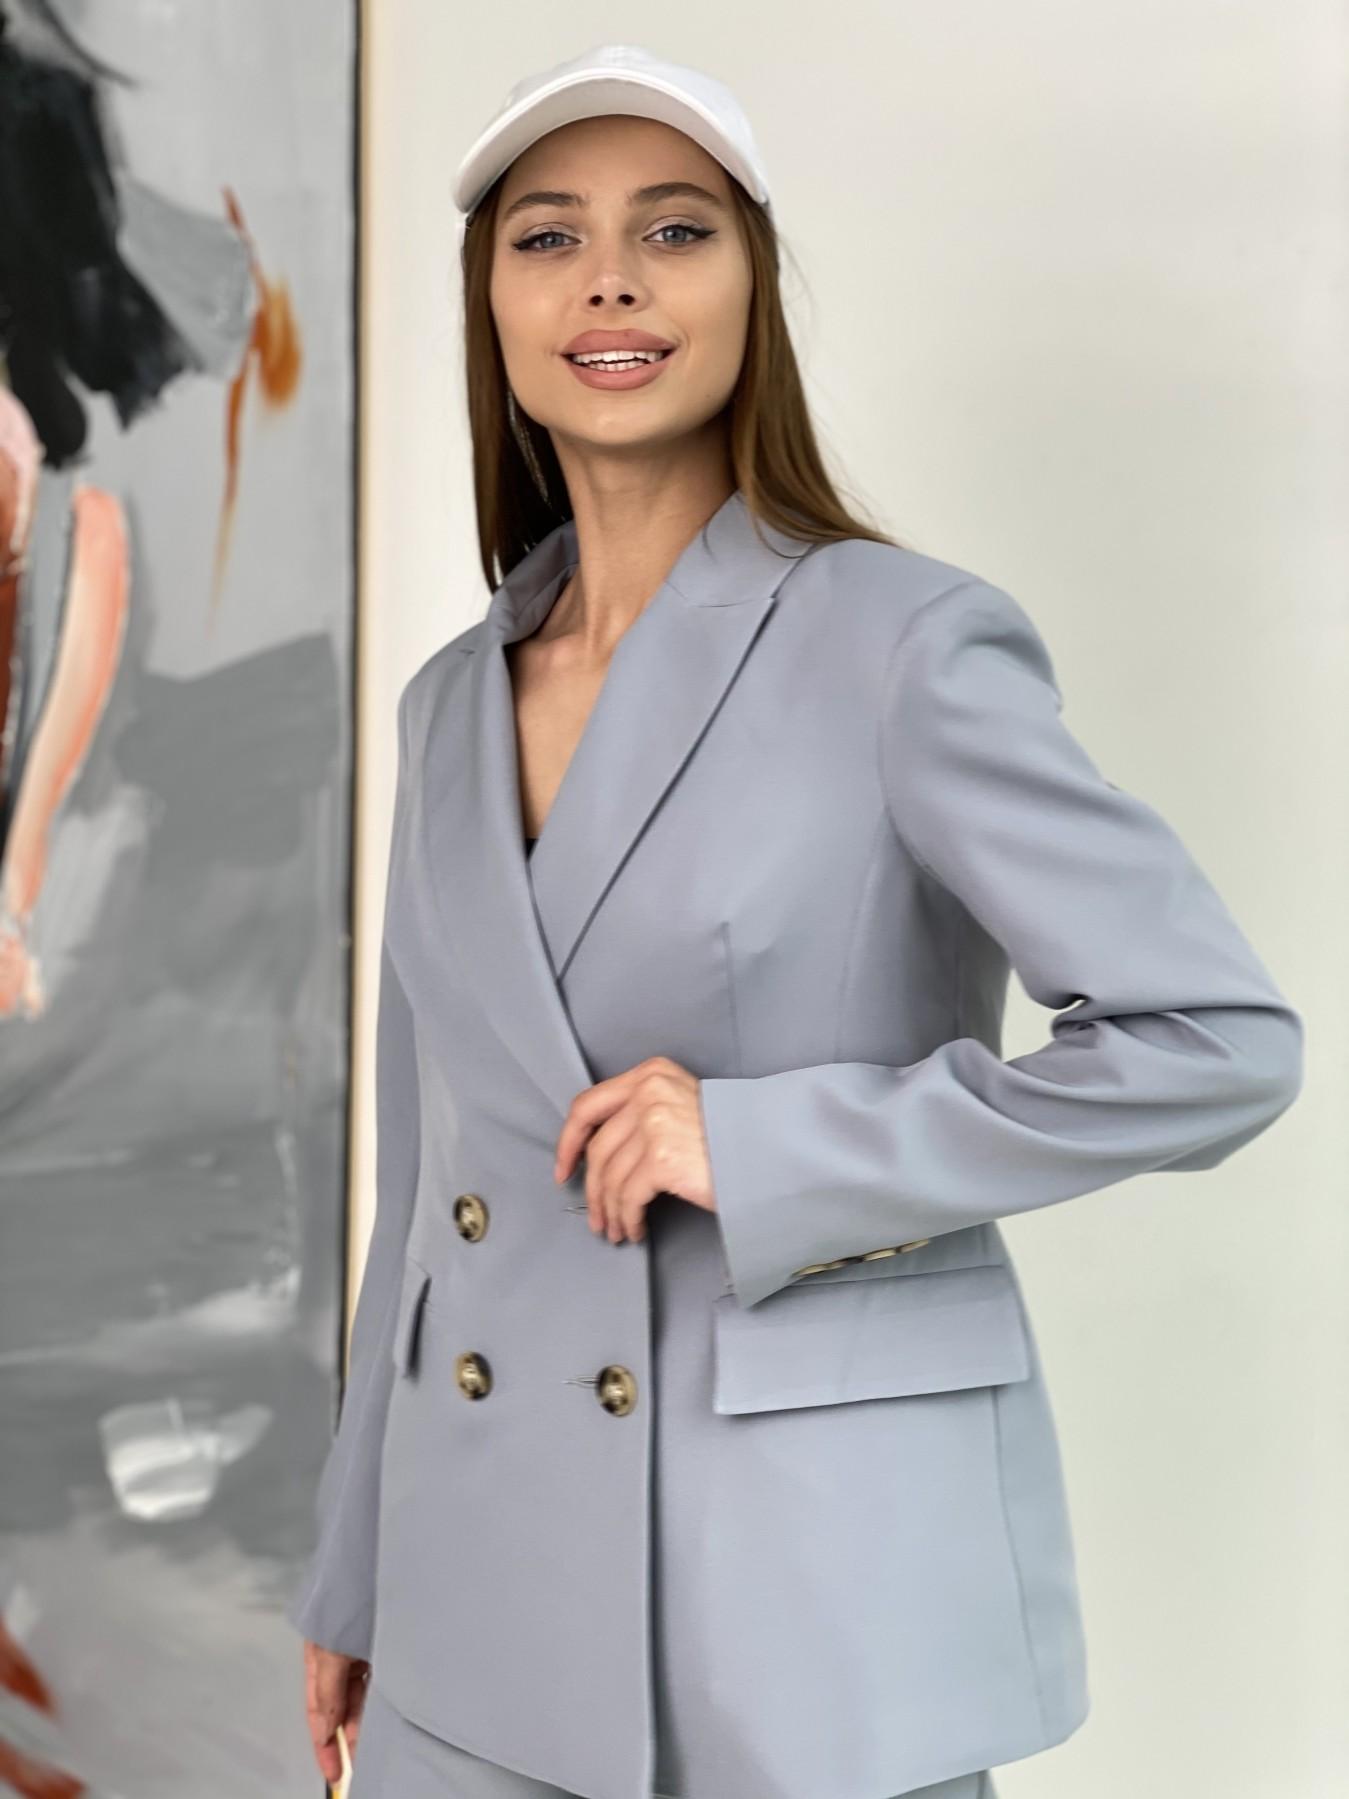 Франко костюм стрейчевый из костюмной ткани 11090 АРТ. 47971 Цвет: Серый - фото 1, интернет магазин tm-modus.ru